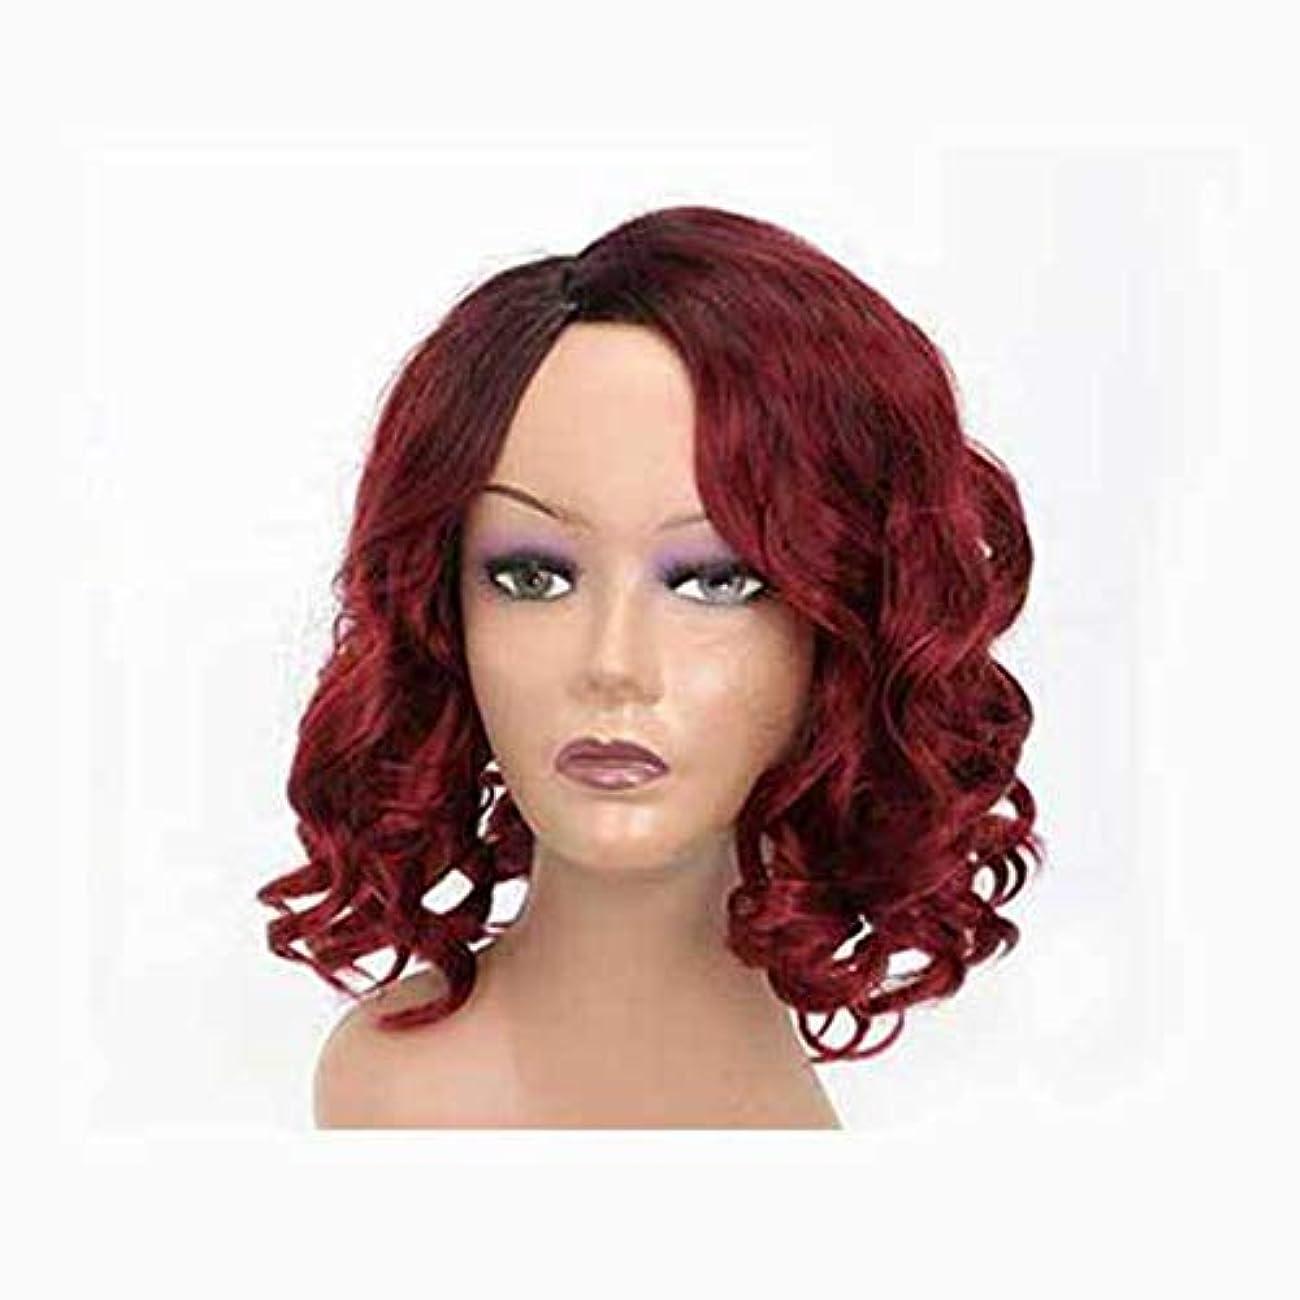 フクロウ指紋蜂女性のための赤いかつら短い髪ふわふわの波状の髪かつら自然に見える耐熱合成ファッションかつら短い巻き毛のコスプレ